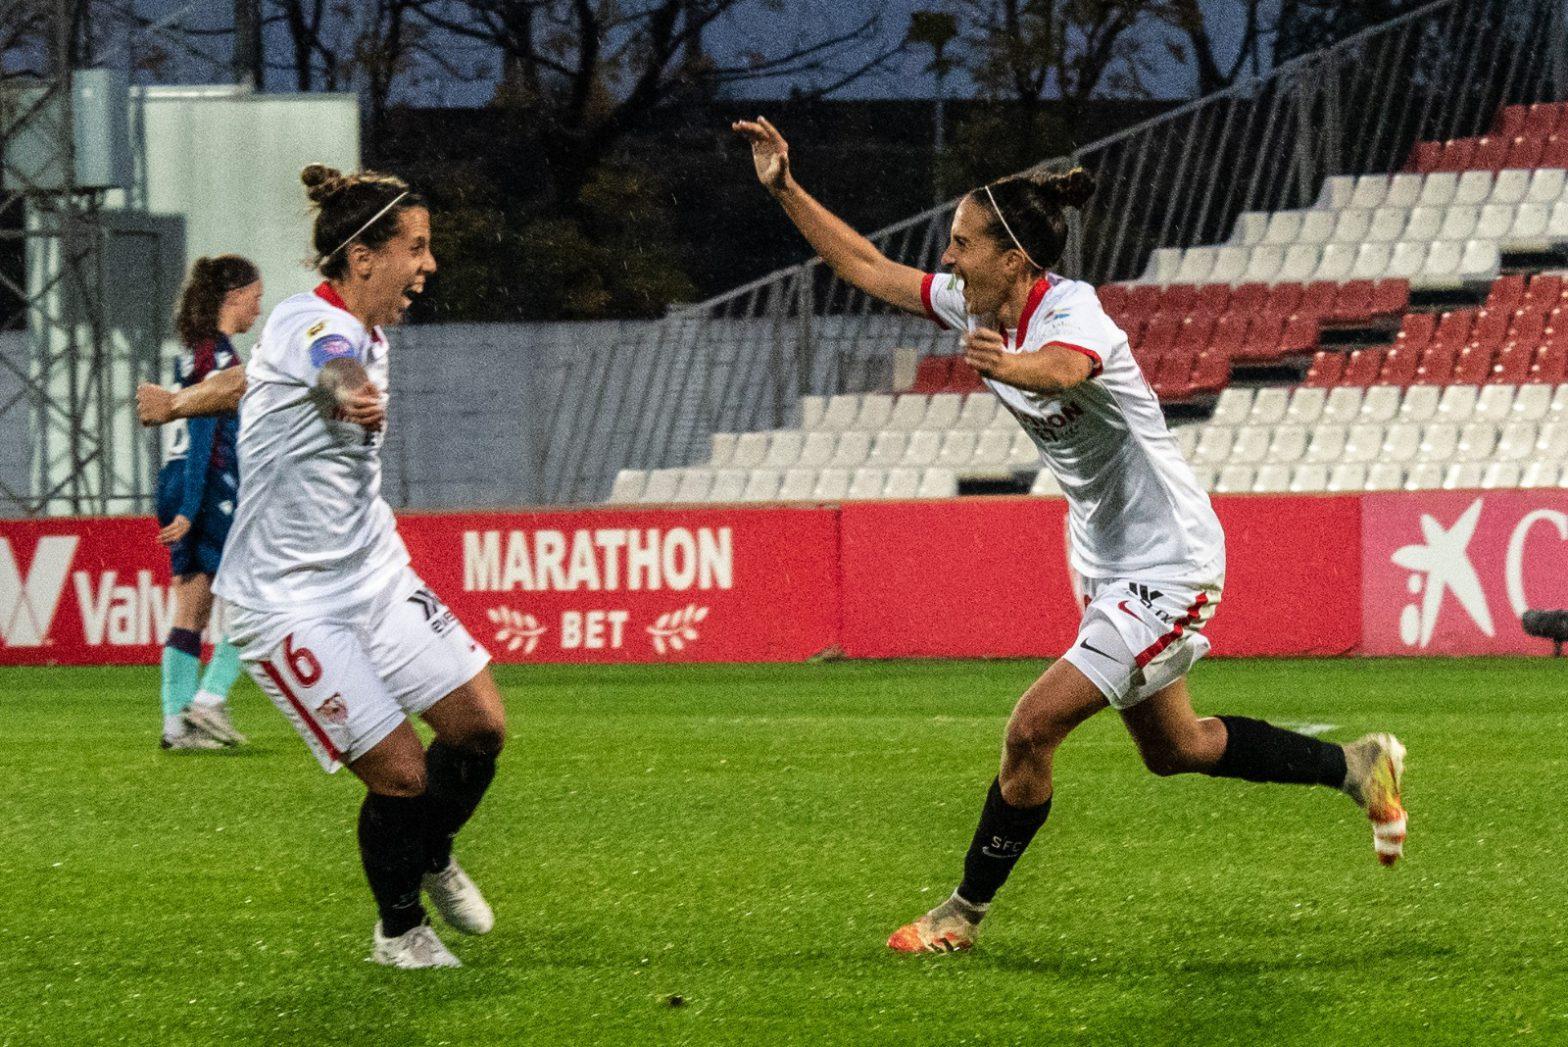 Virgy celebrando su gol para el Sevilla